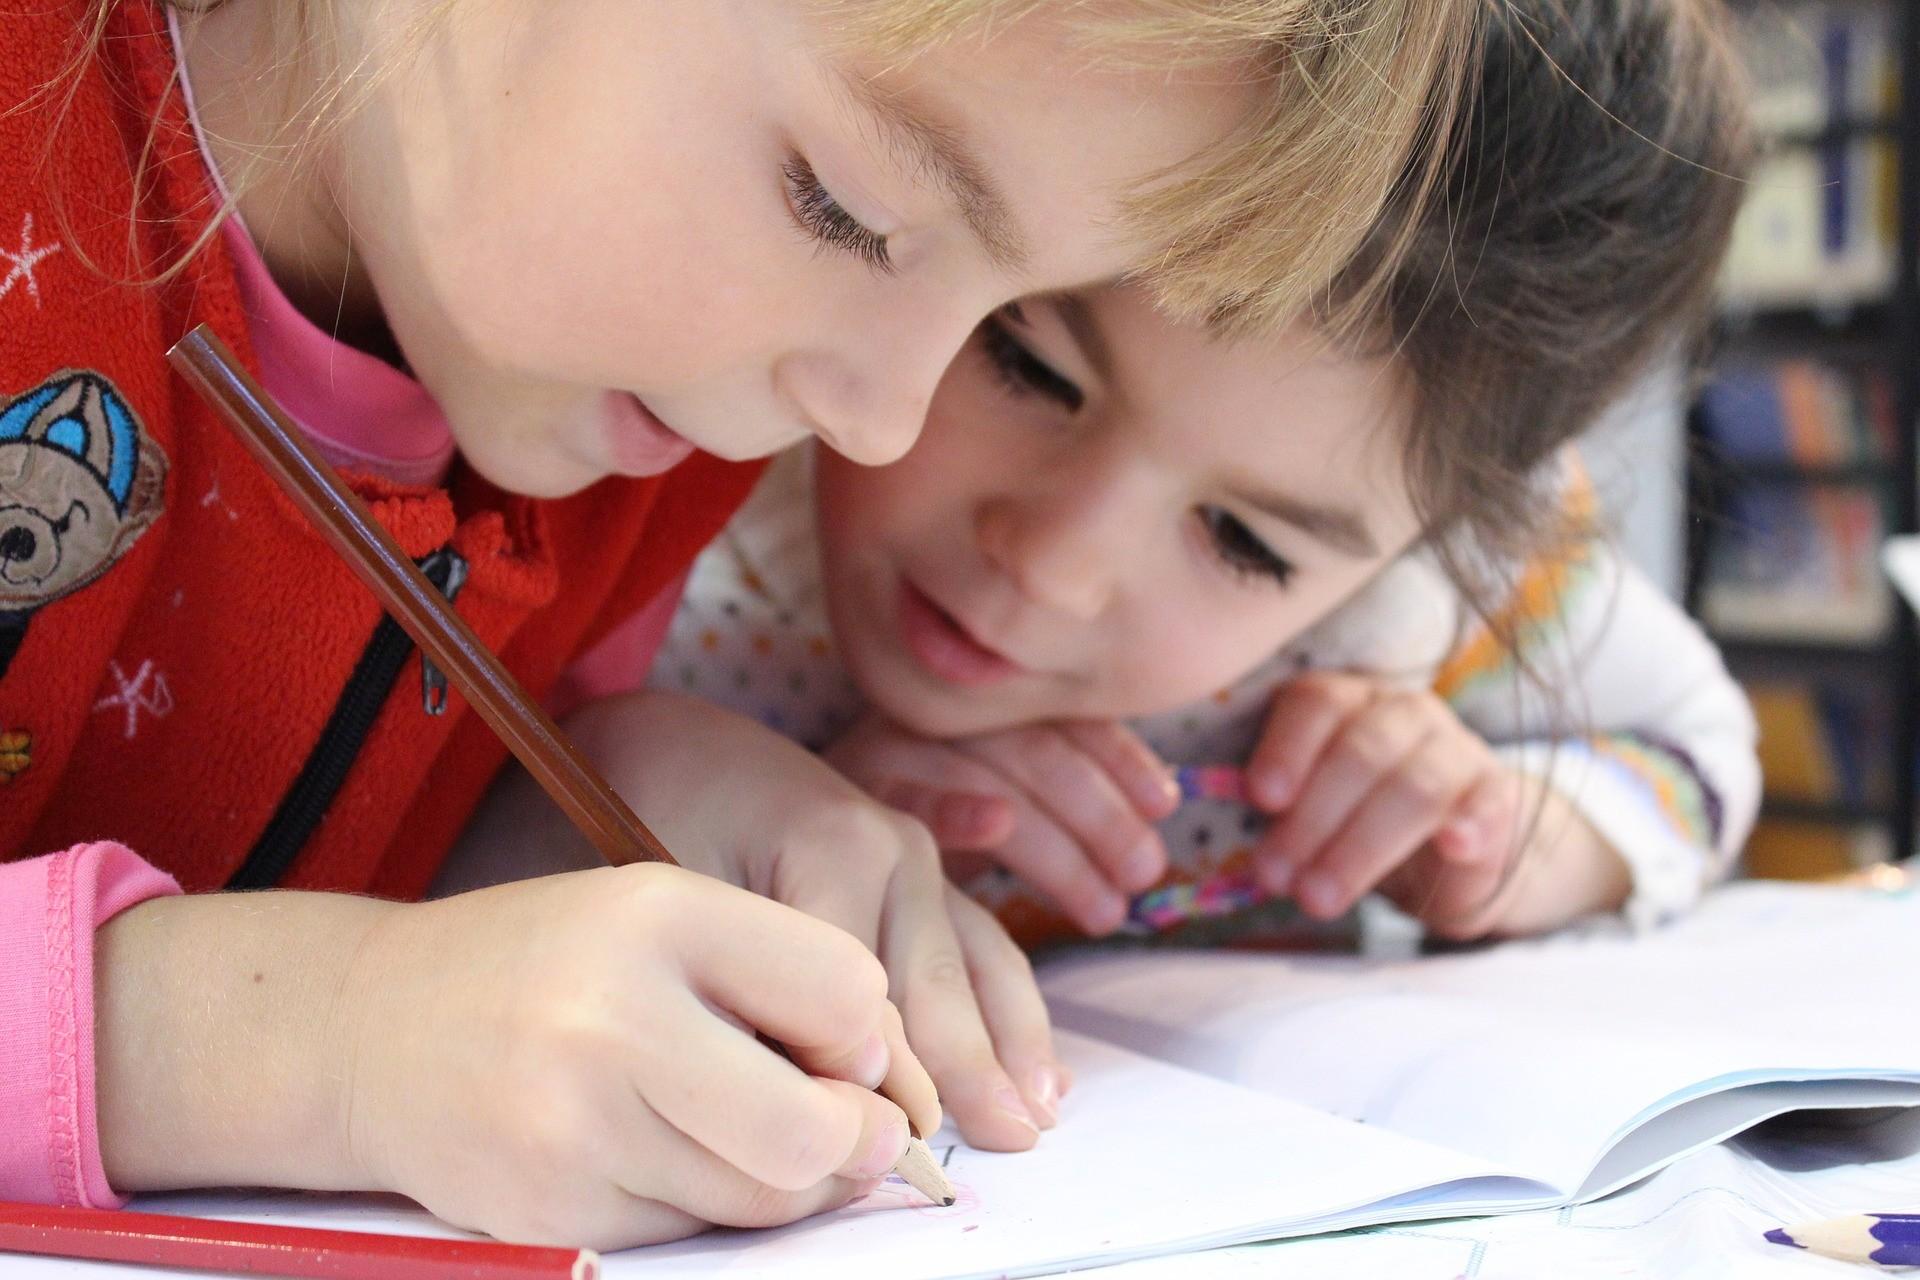 Estudantes do 4º e 5º anos poderão realizar inscrições (Foto: Pixabay)